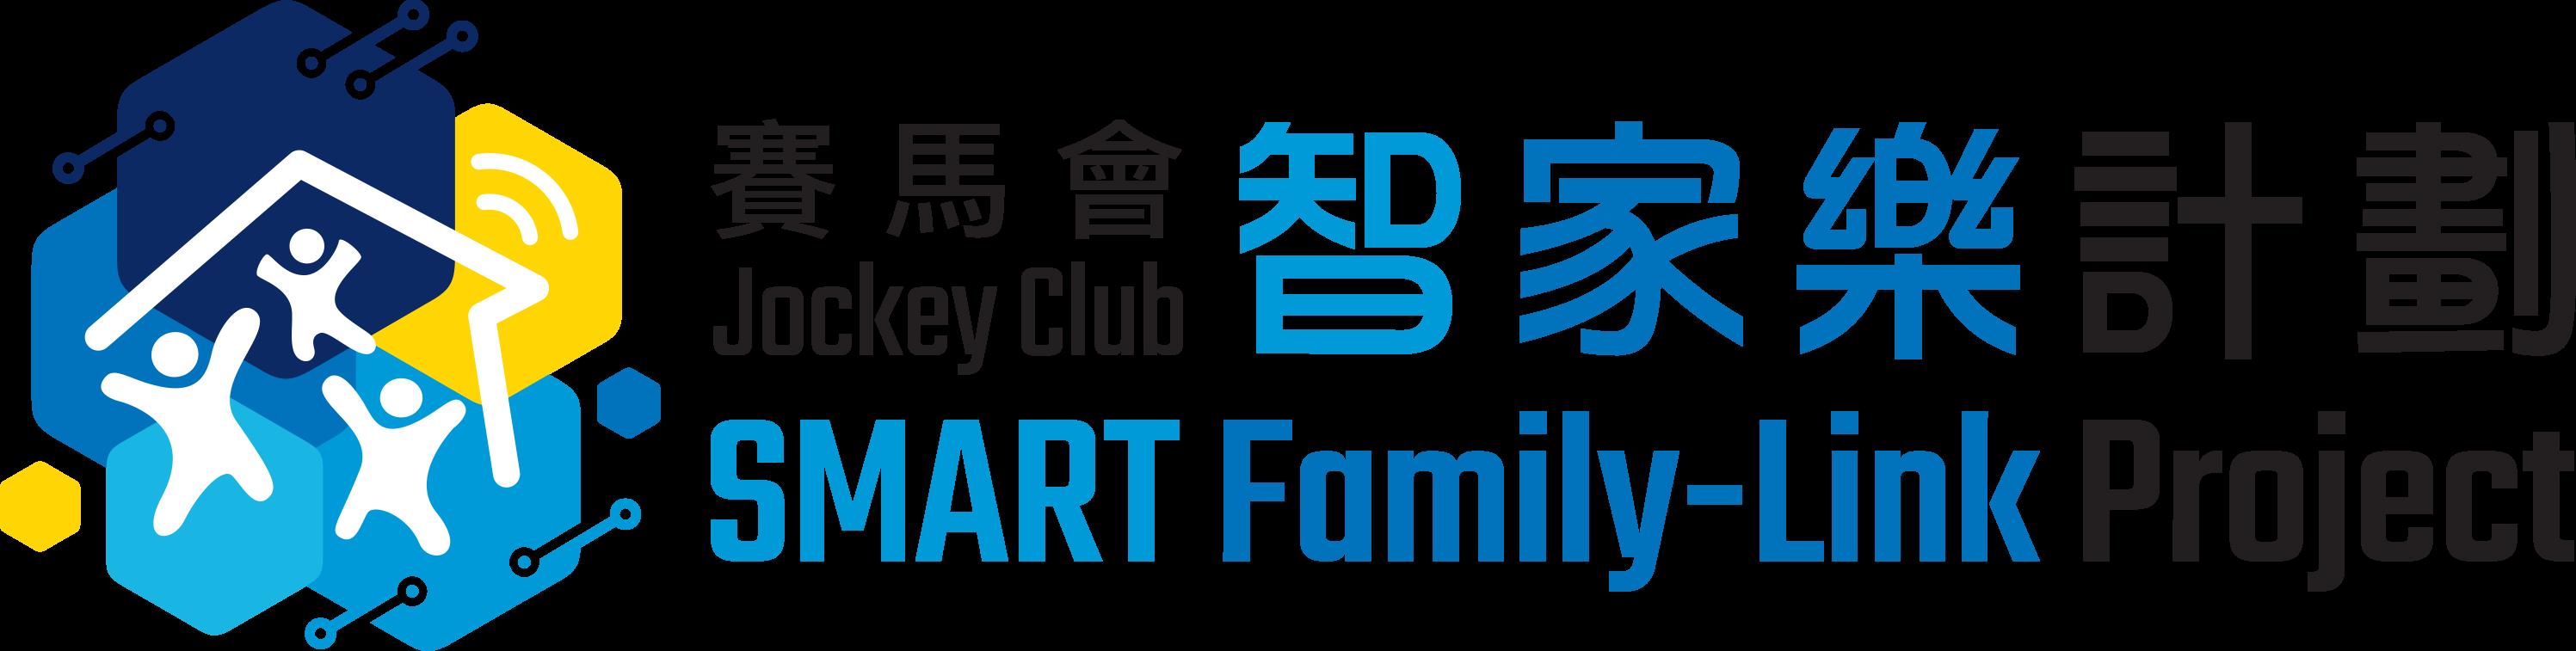 HKJC Smart Family-Link i-TLS